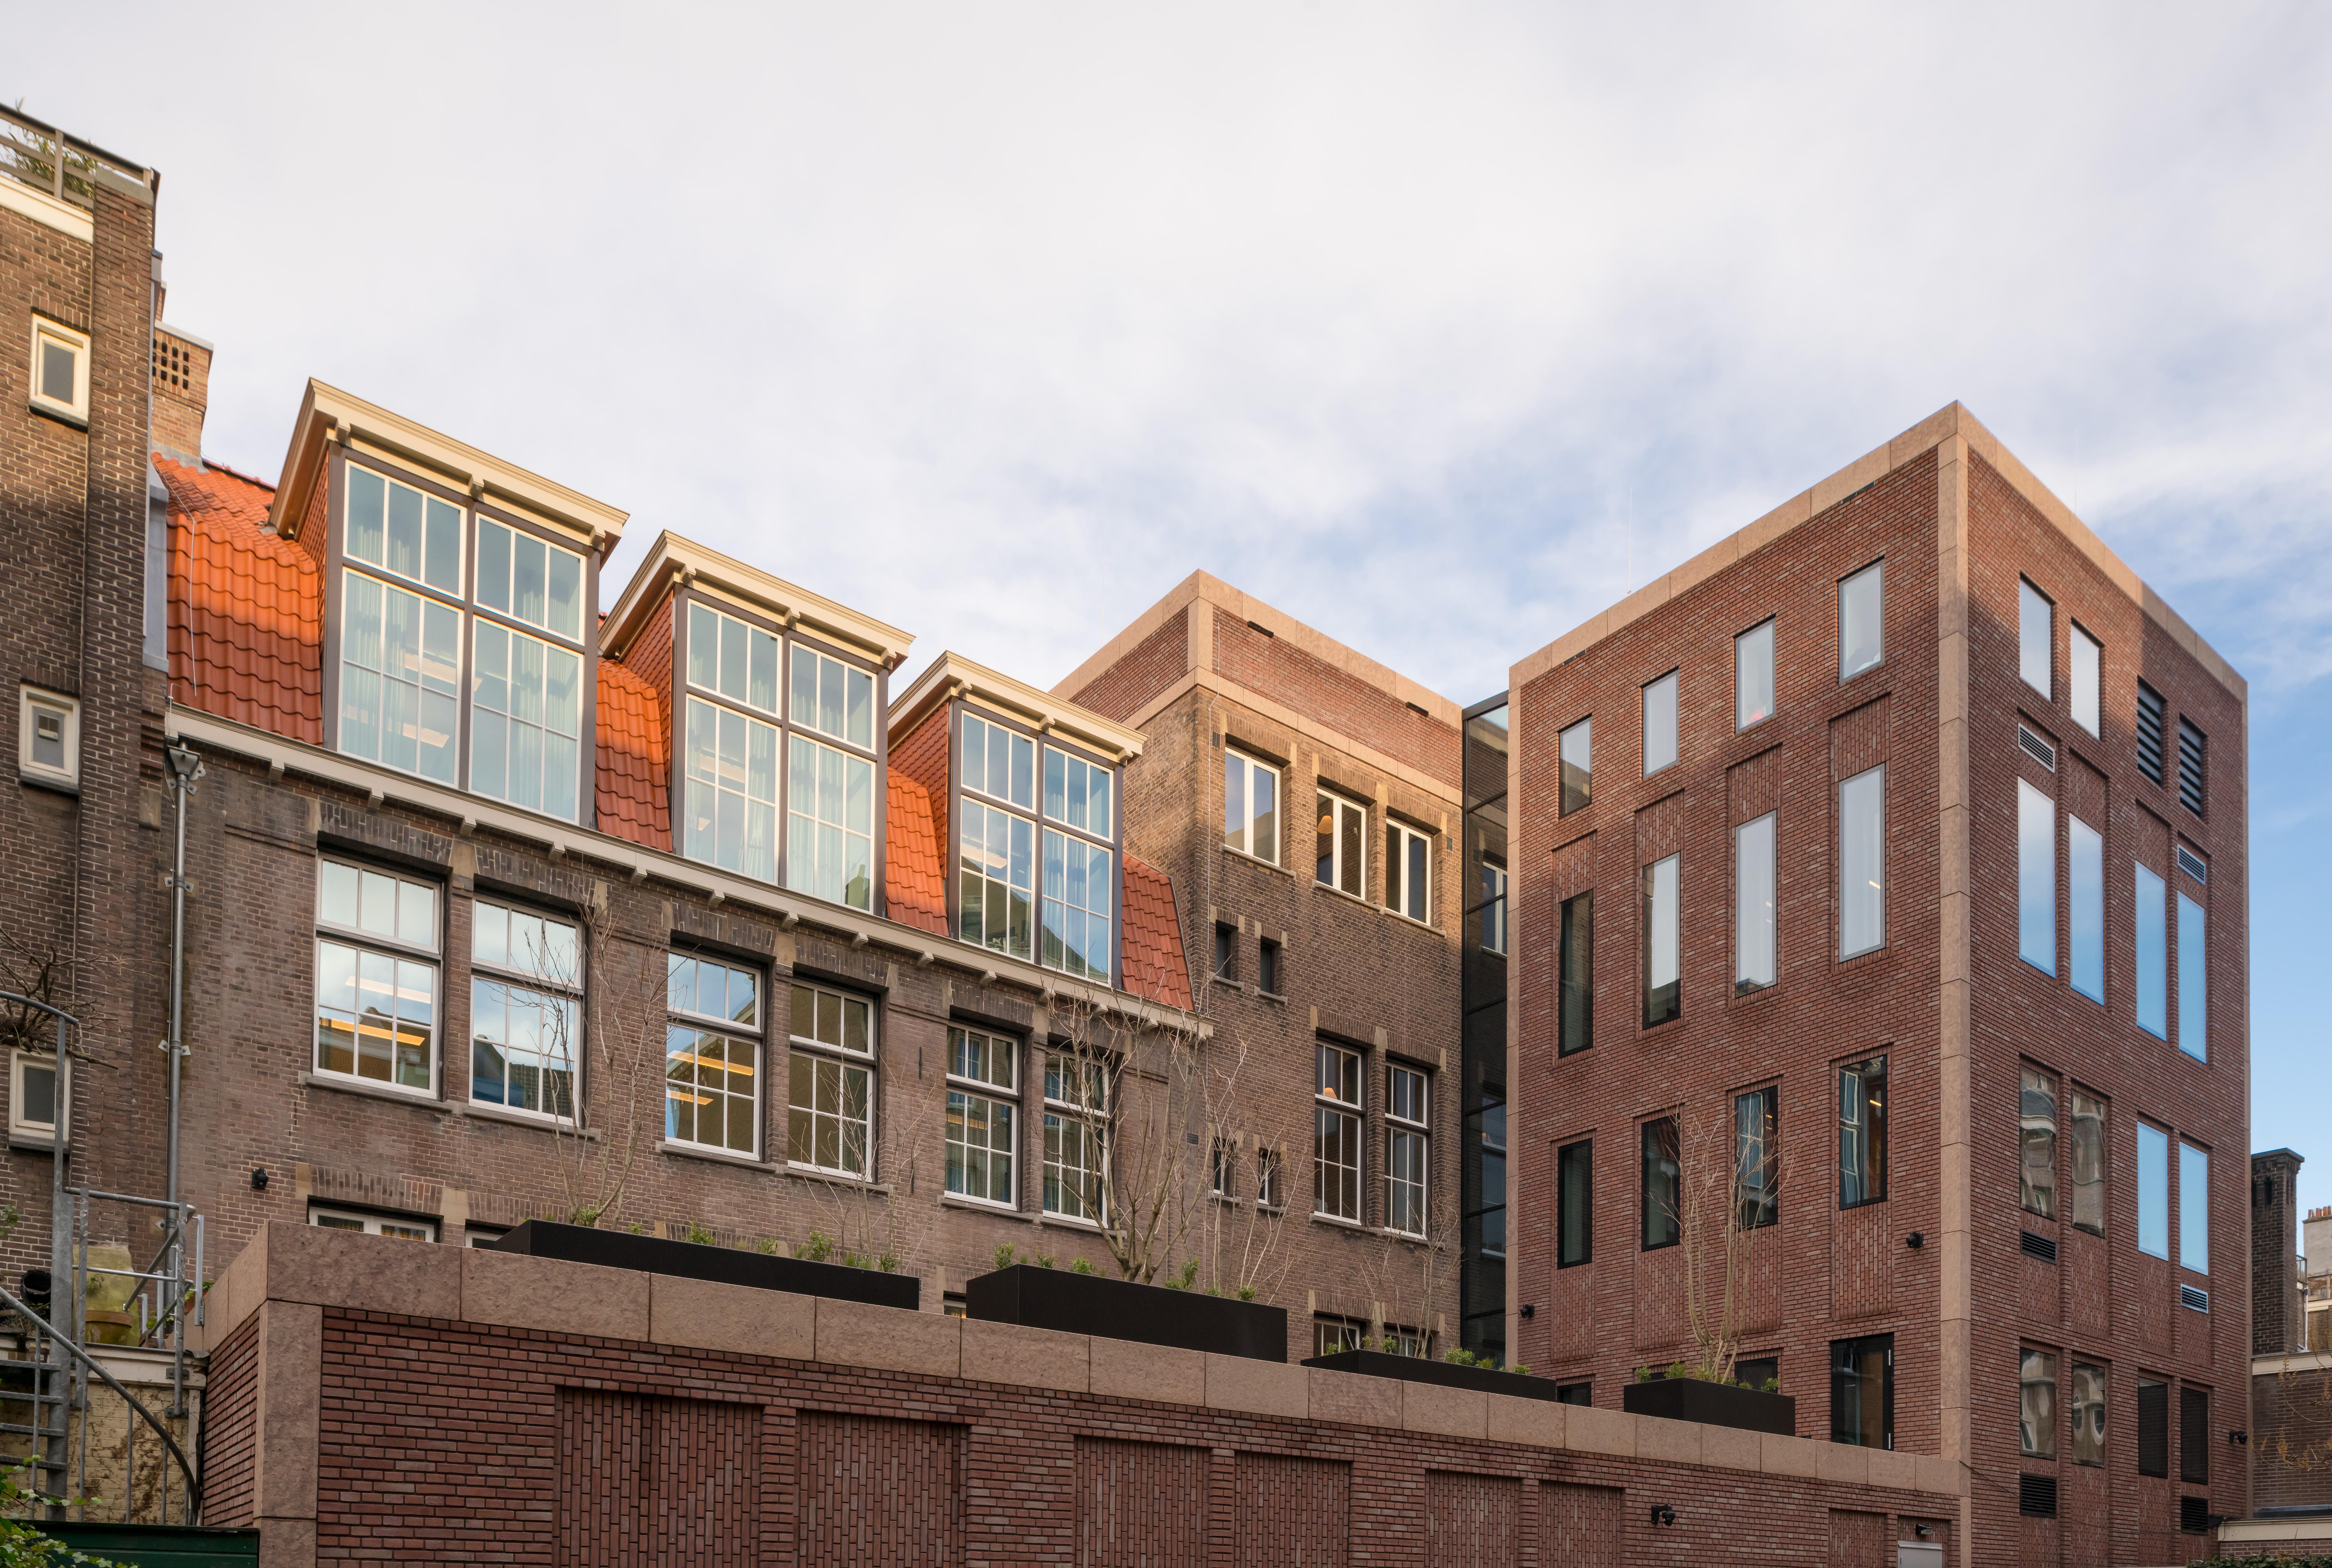 <p>RCO House 2019 Amsterdam by Team V Architects Amsterdam. Beeld: Jannes Linders en Renske Vrolijk</p>